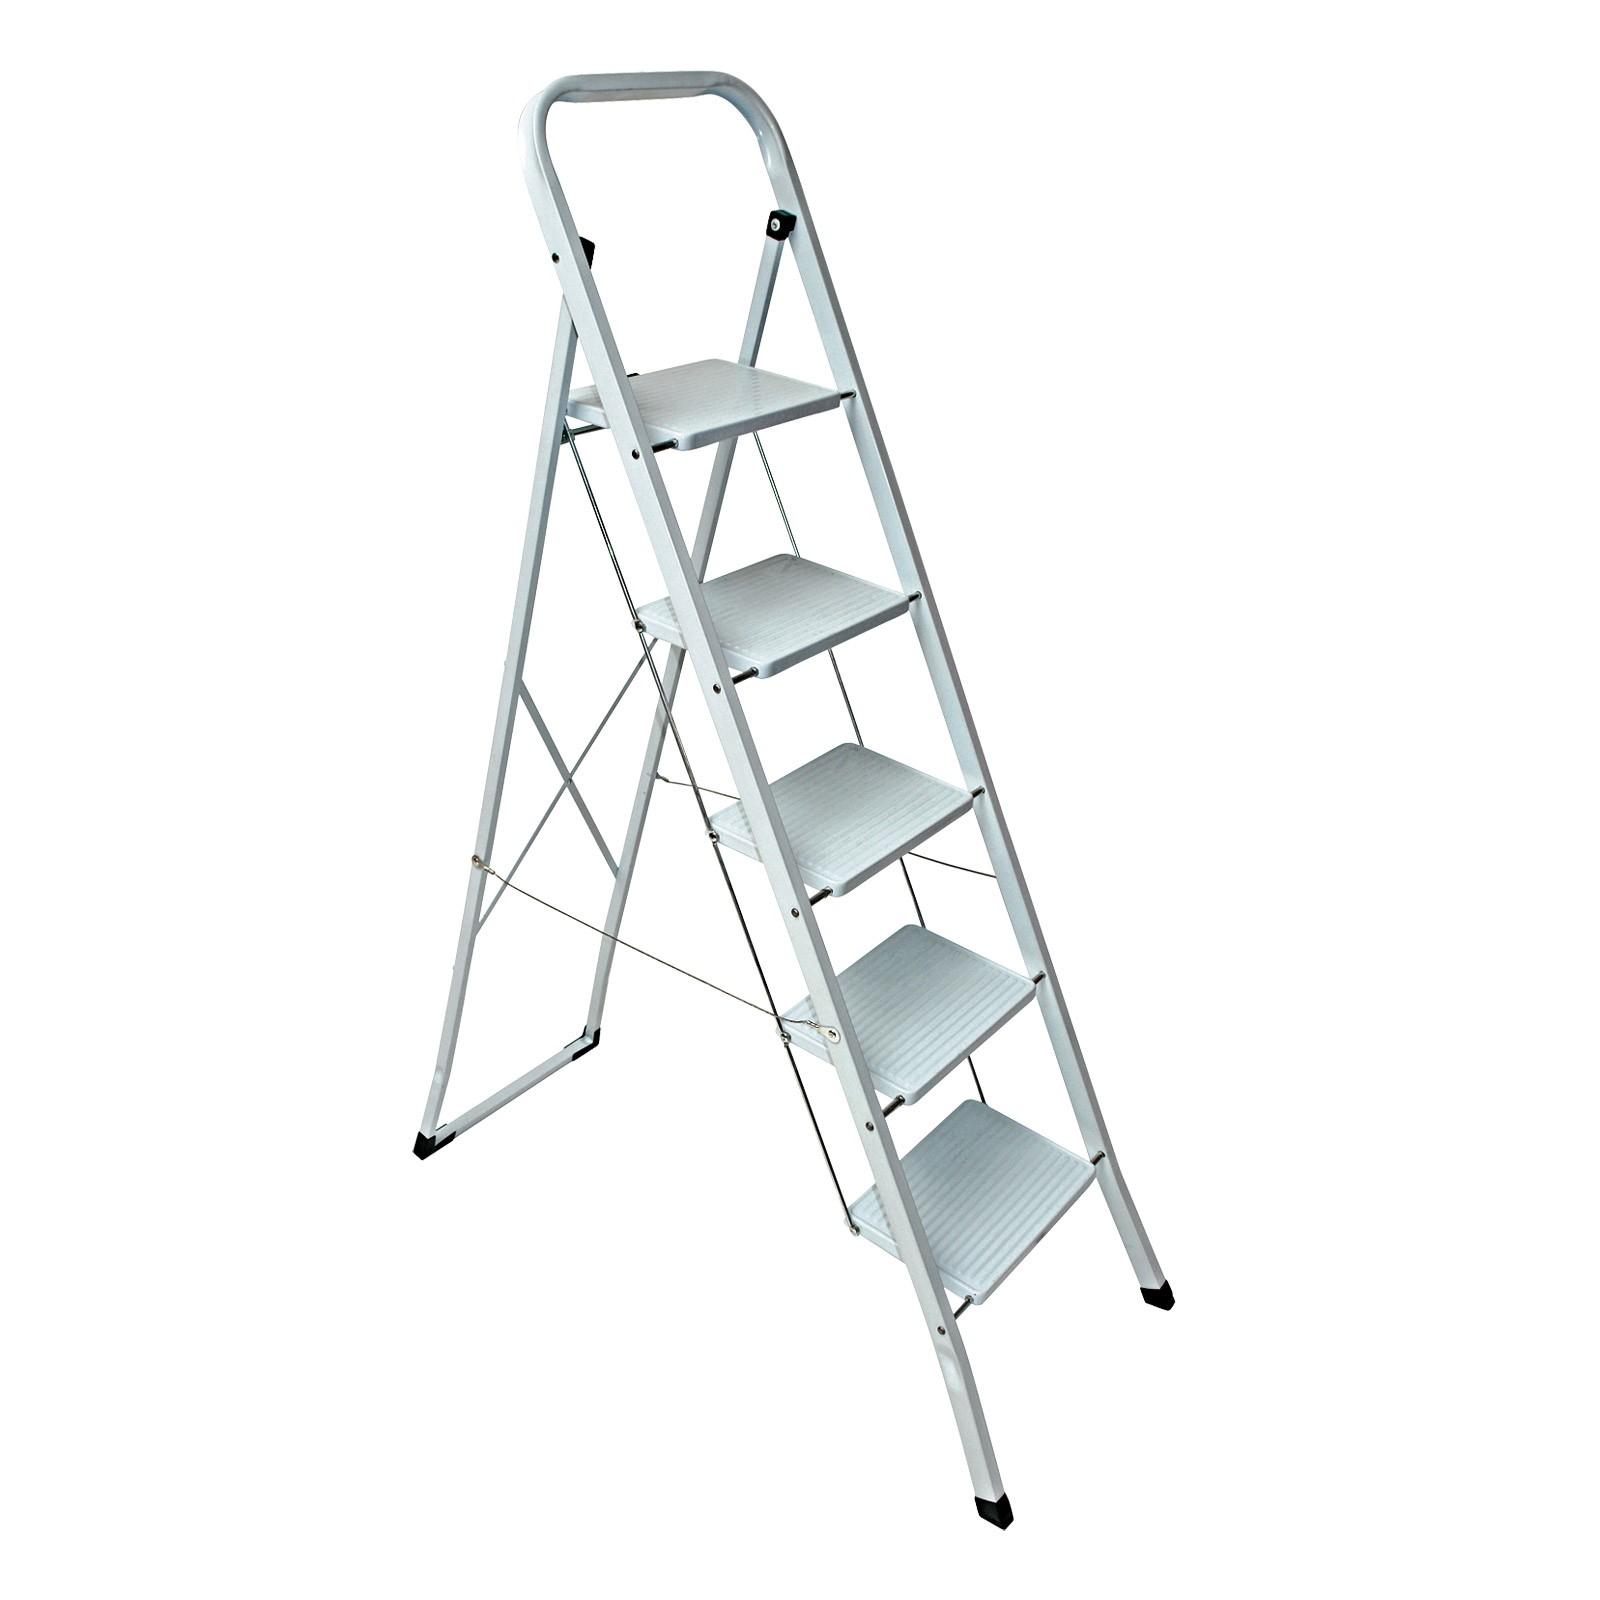 stahl haushaltsleiter klapptritt stehleiter 2 3 4 5 stufen leiter auswahl. Black Bedroom Furniture Sets. Home Design Ideas